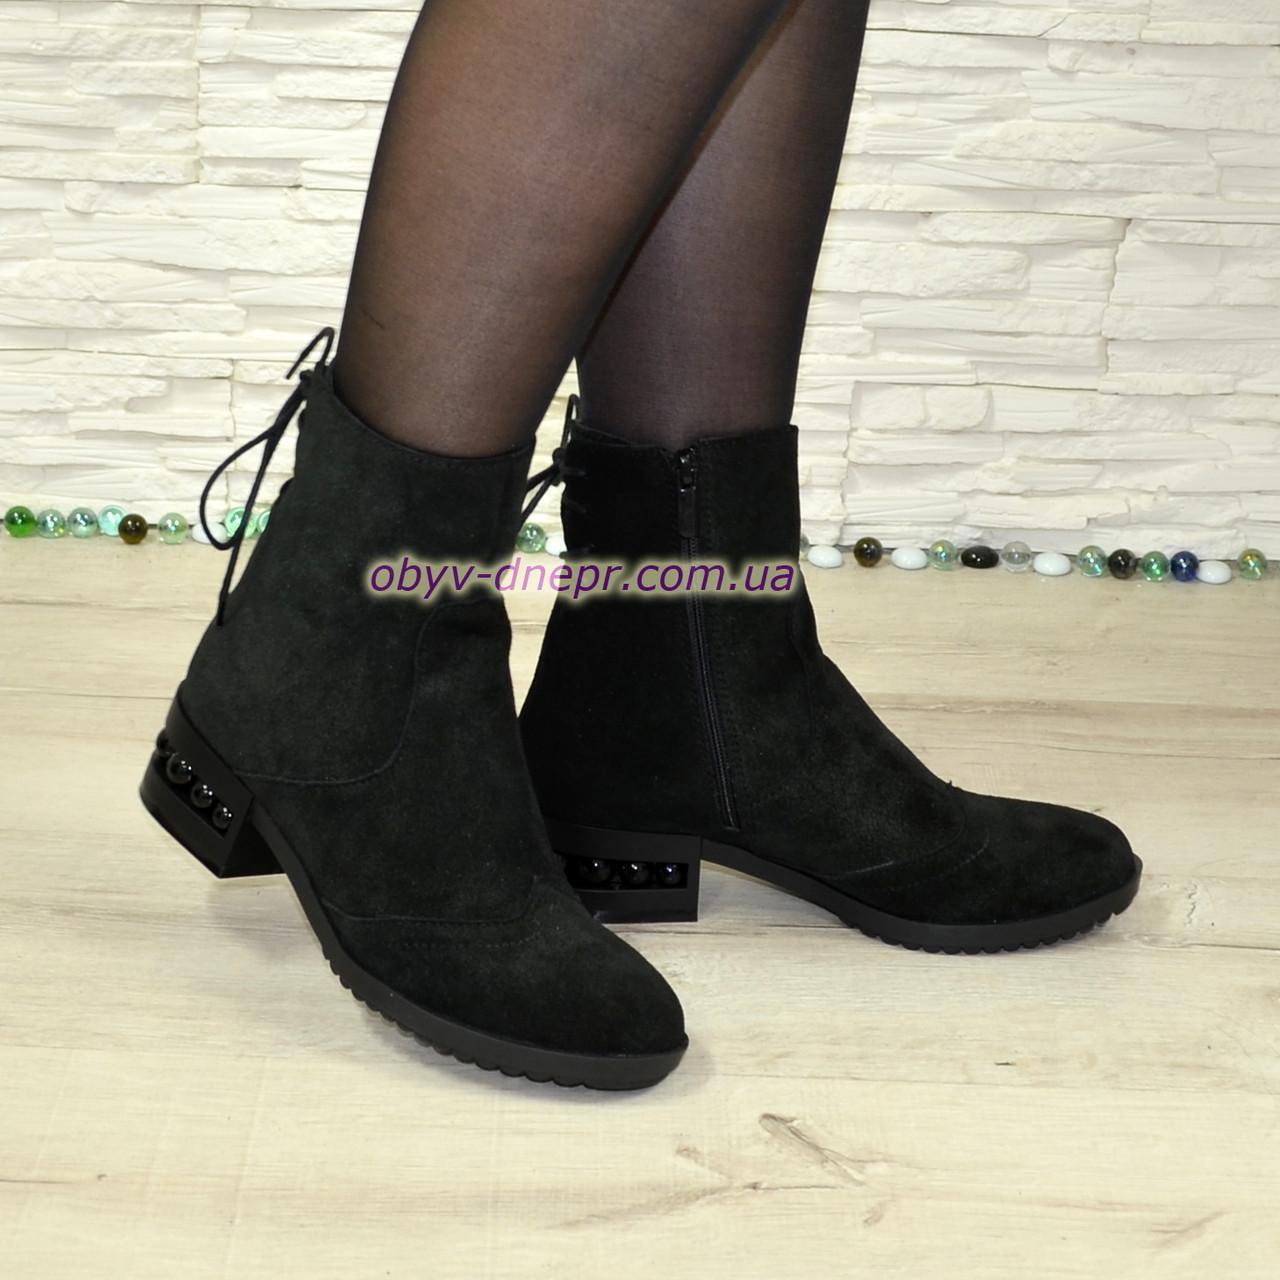 Ботинки замшевые зимние на маленьком каблуке, сзади на шнуровке